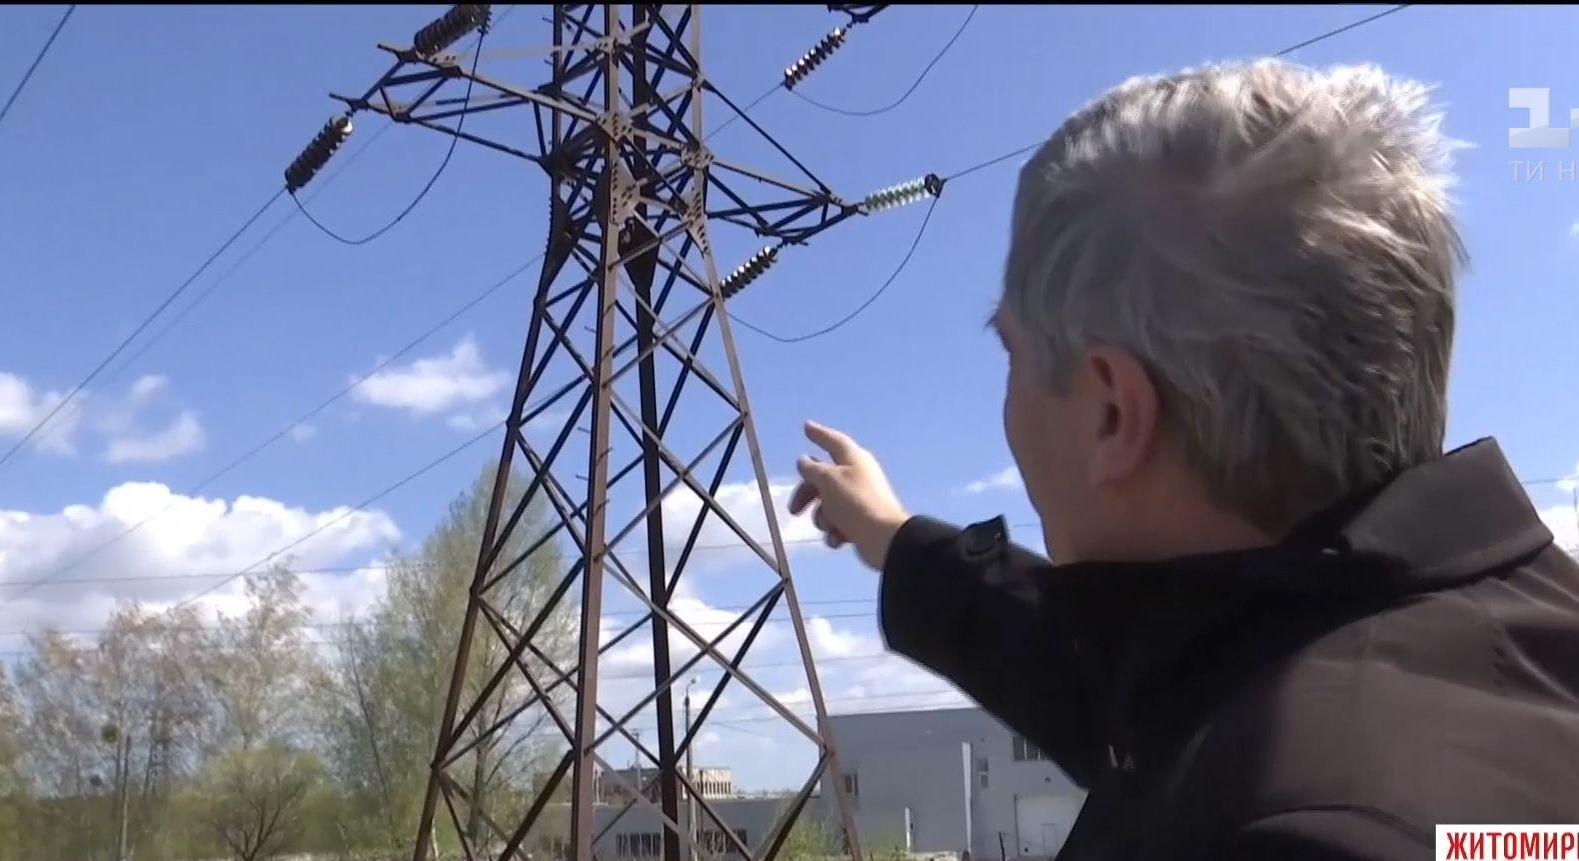 Опасное селфи: на Житомирщине подростка ударило током на электроопоре высоковольтной линии